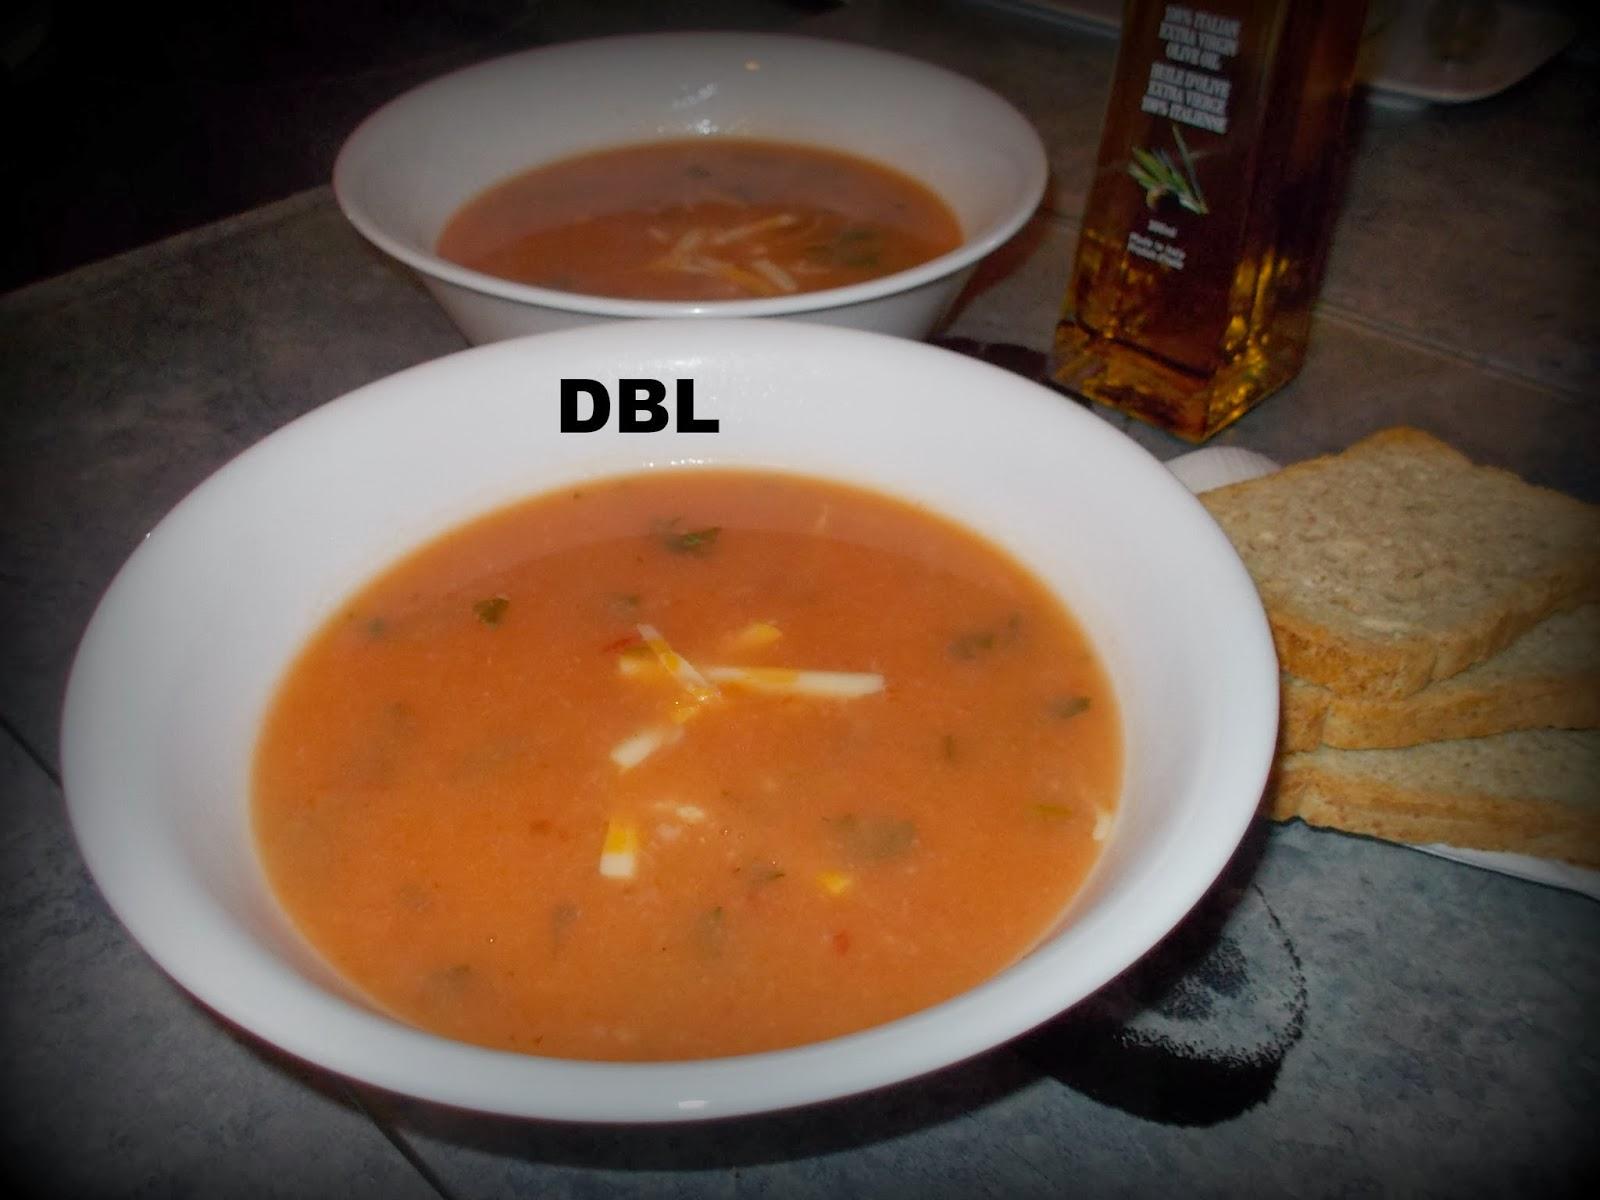 Domates çorbasının yararları domates çorbası neye iyi gelir